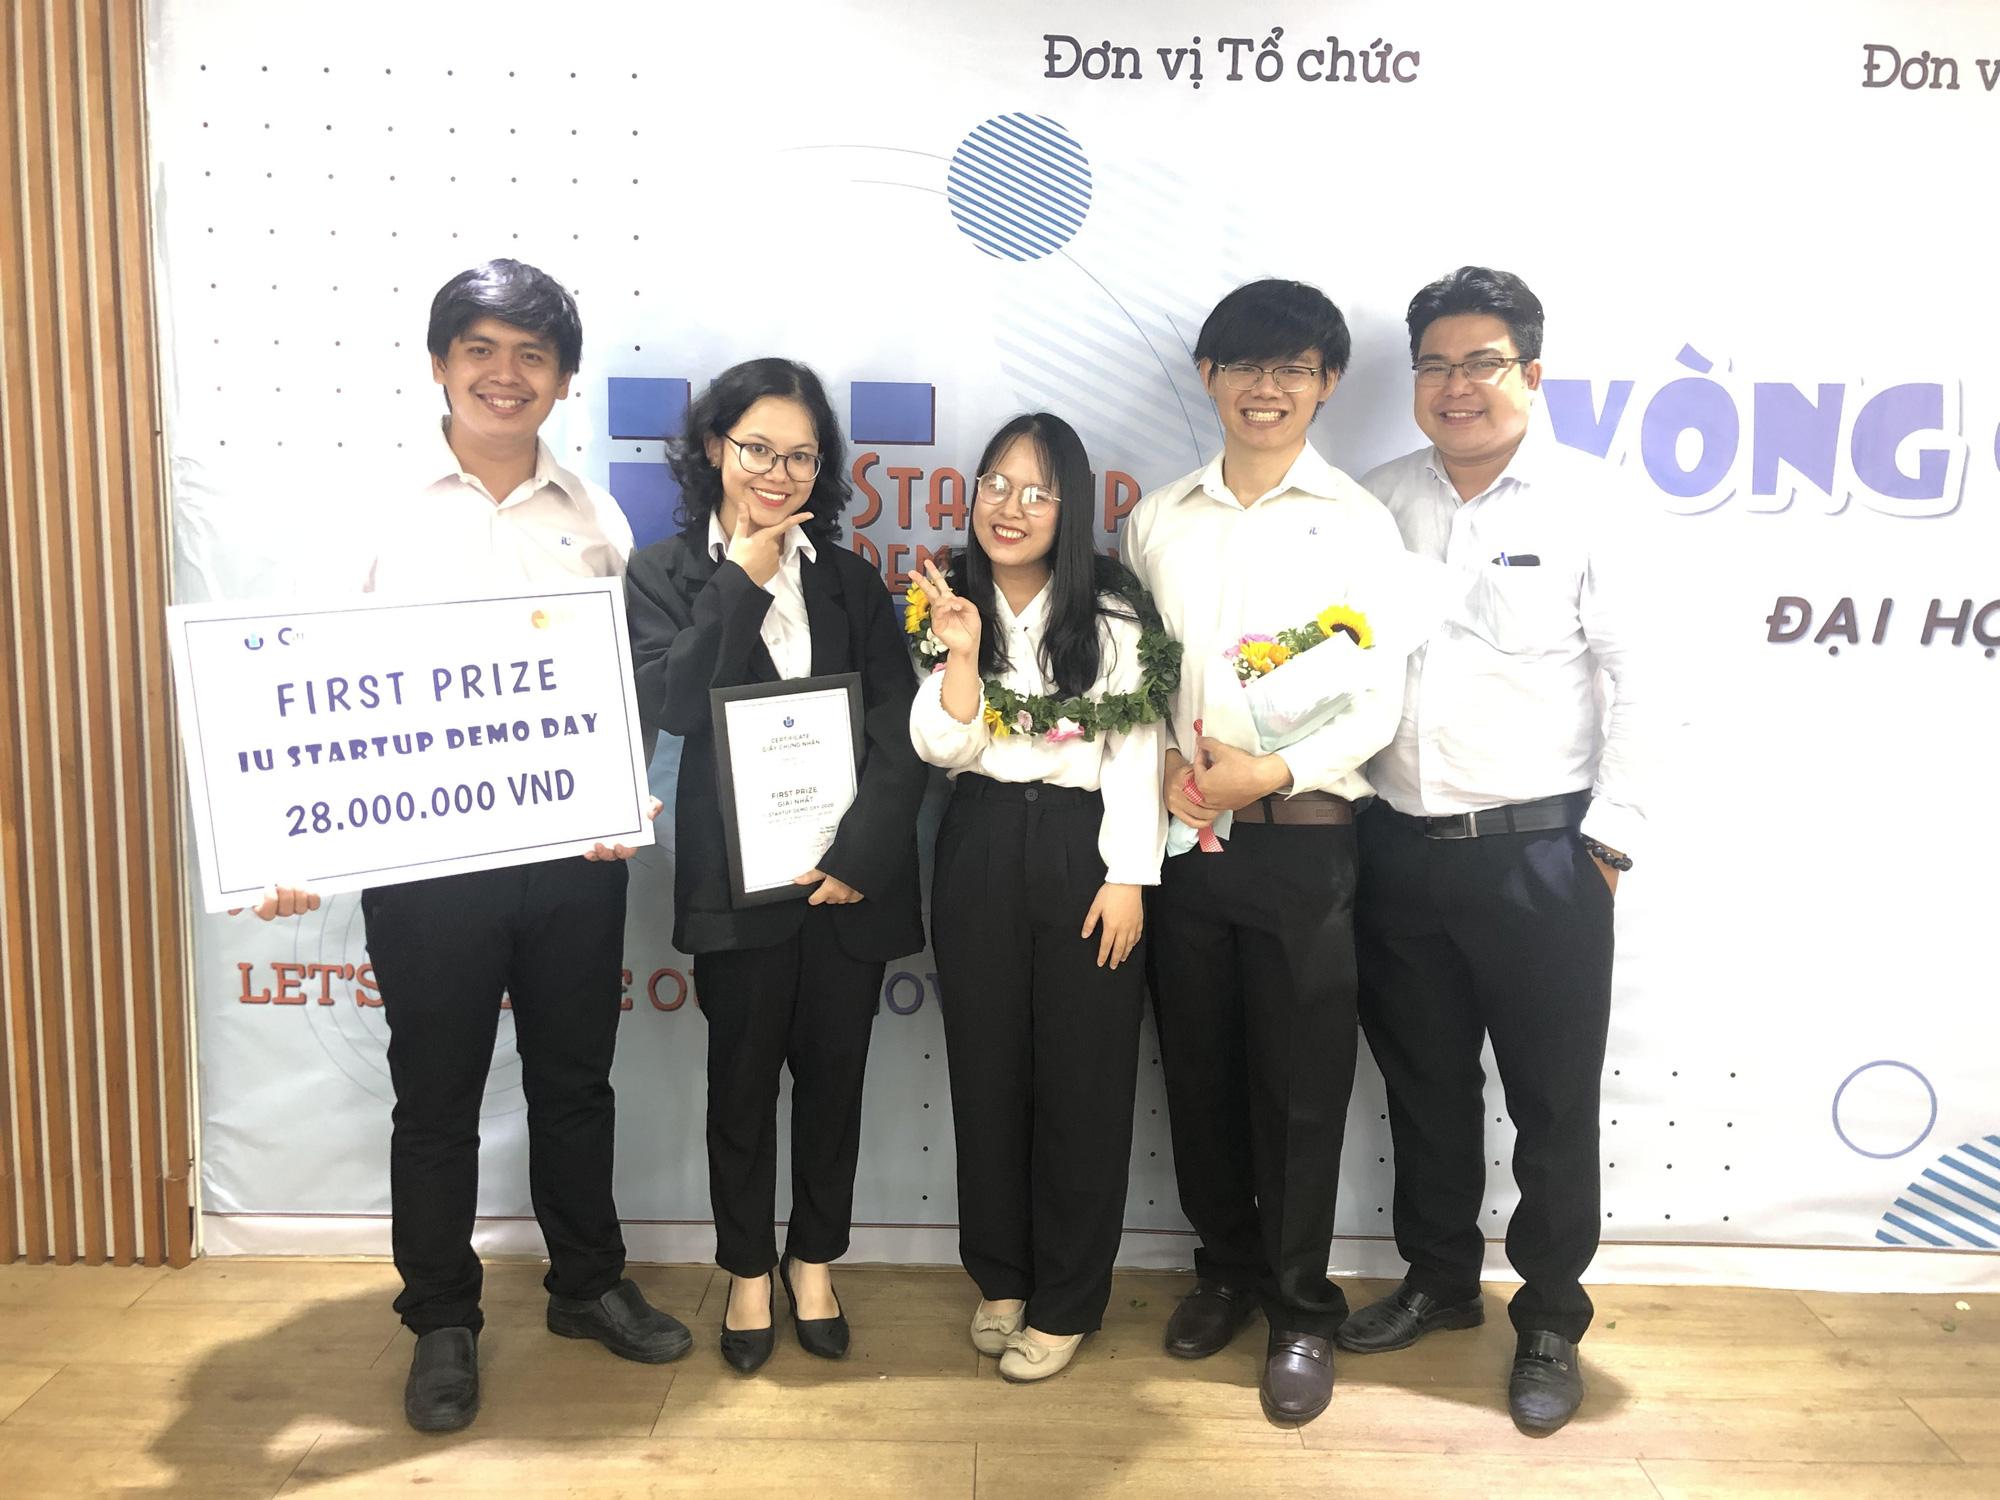 Nhóm sinh viên với dự án khởi nghiệp dầu bơ siêu sạch - Ảnh 1.